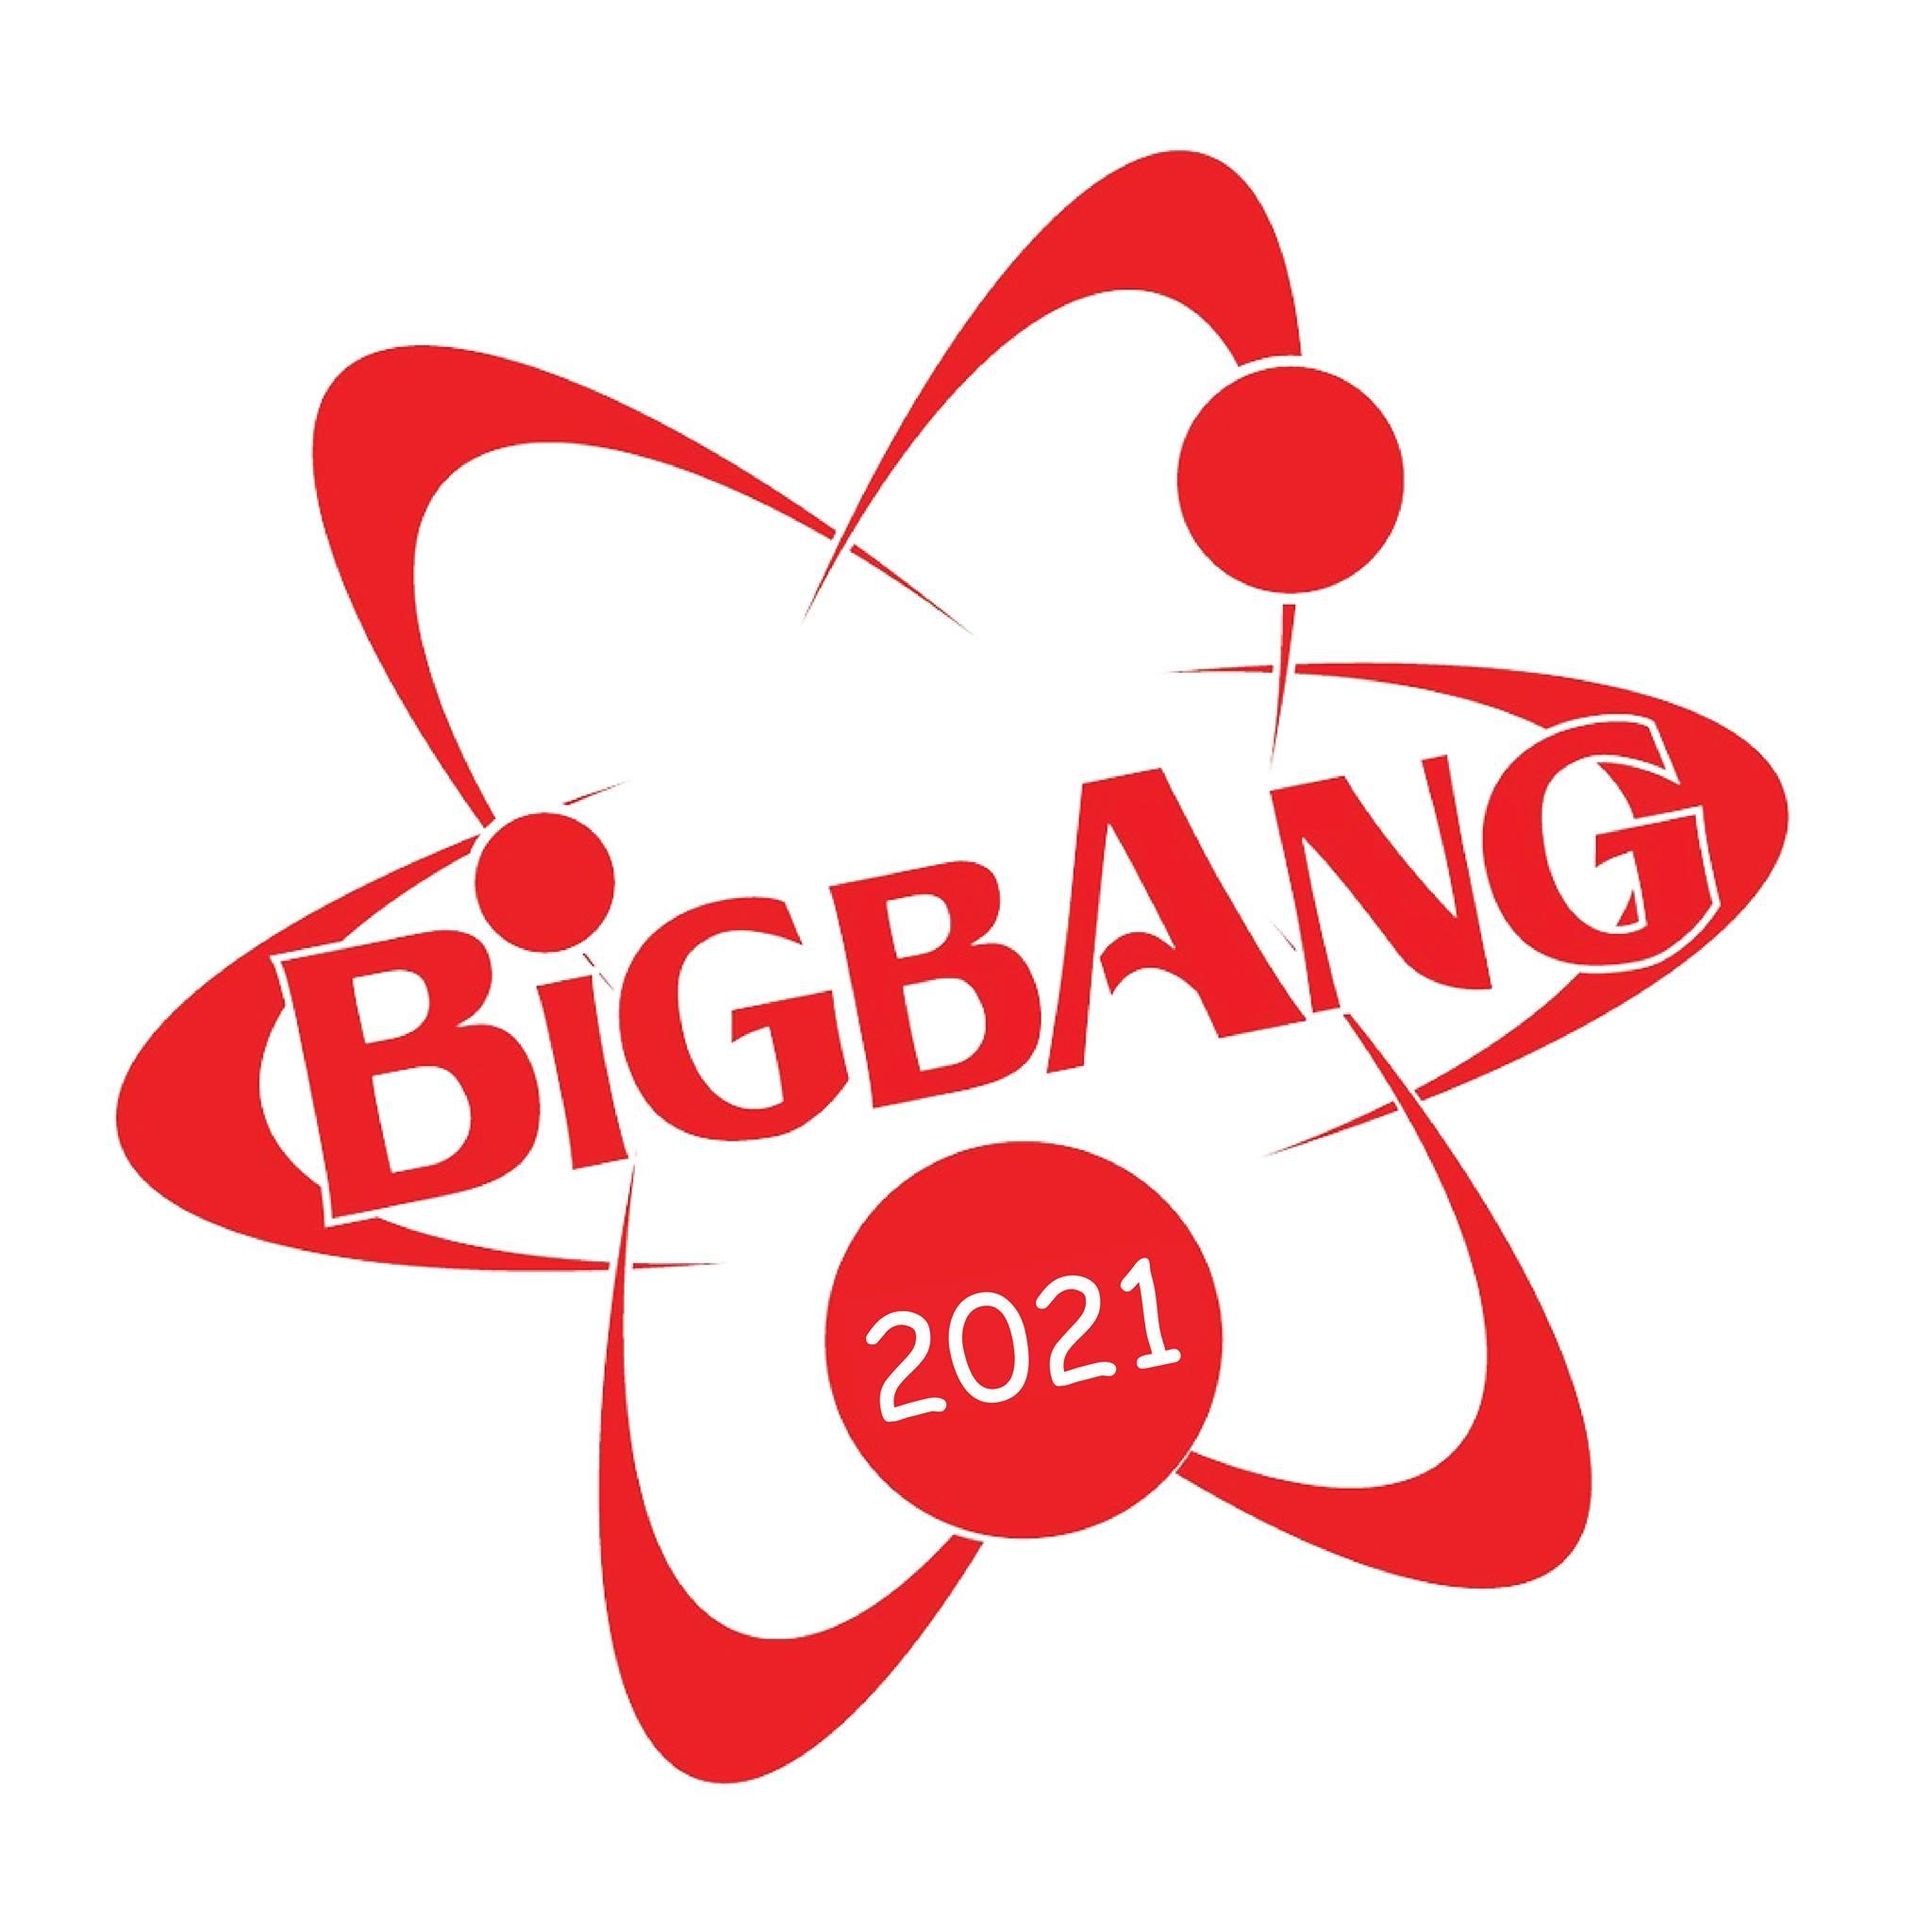 BÁN KẾT  HỘI THI HỌC THUẬT BIGBANG 2021 -LẦN THỨ XV